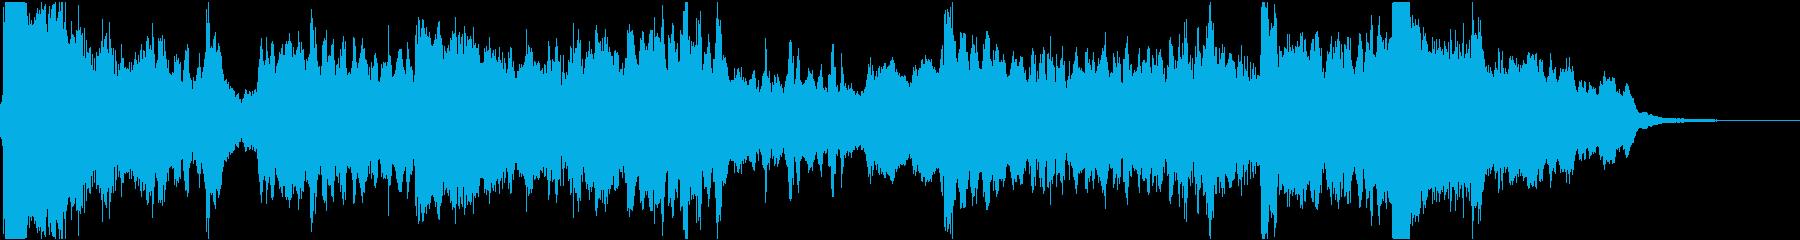 27秒・尺八、琴、弦楽器の静かなジングルの再生済みの波形